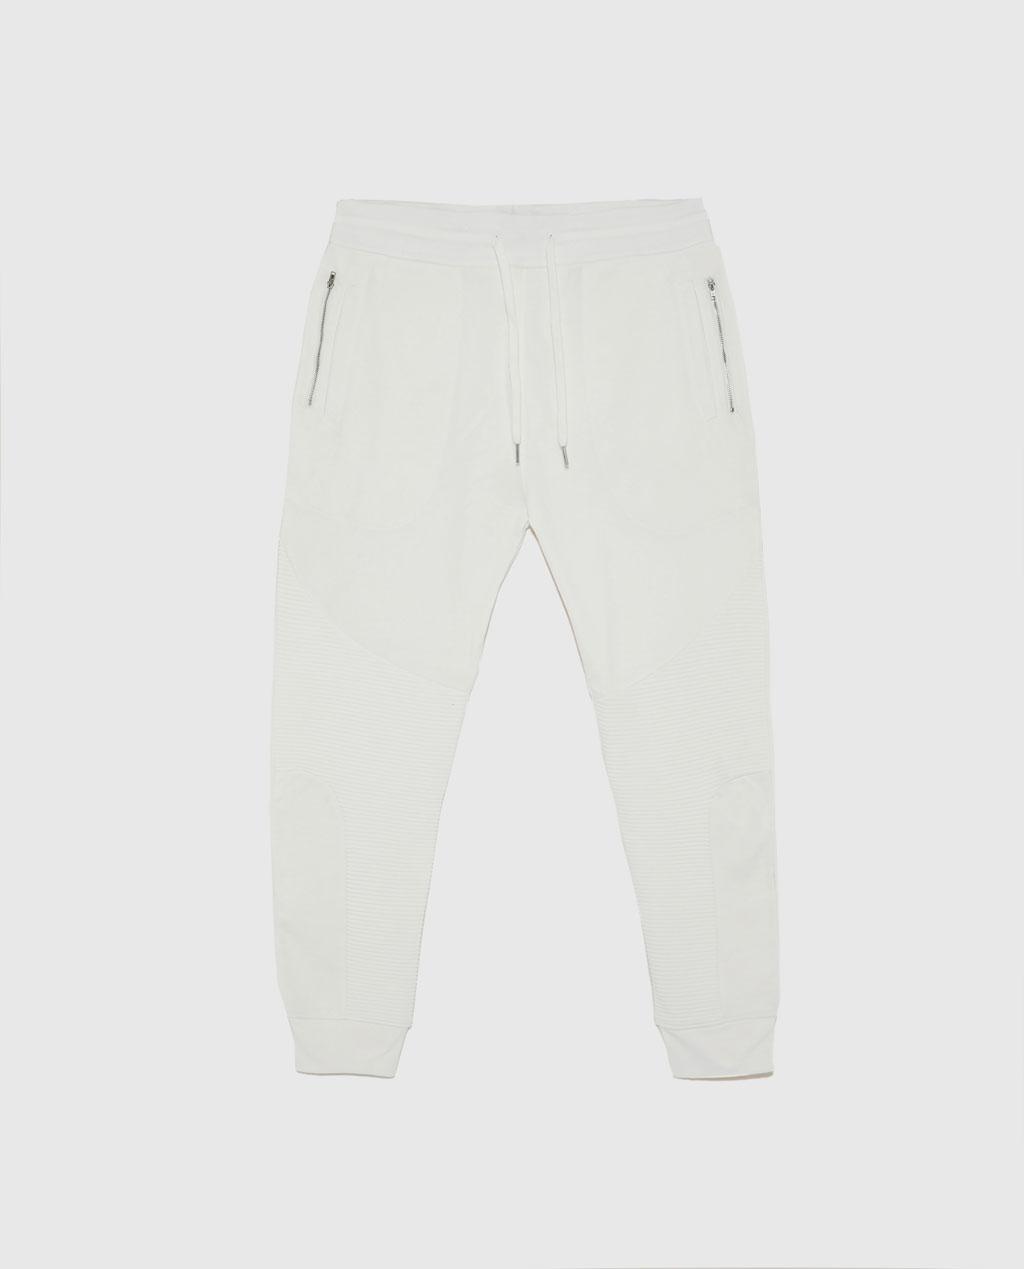 Thời trang nam Zara  24017 - ảnh 8